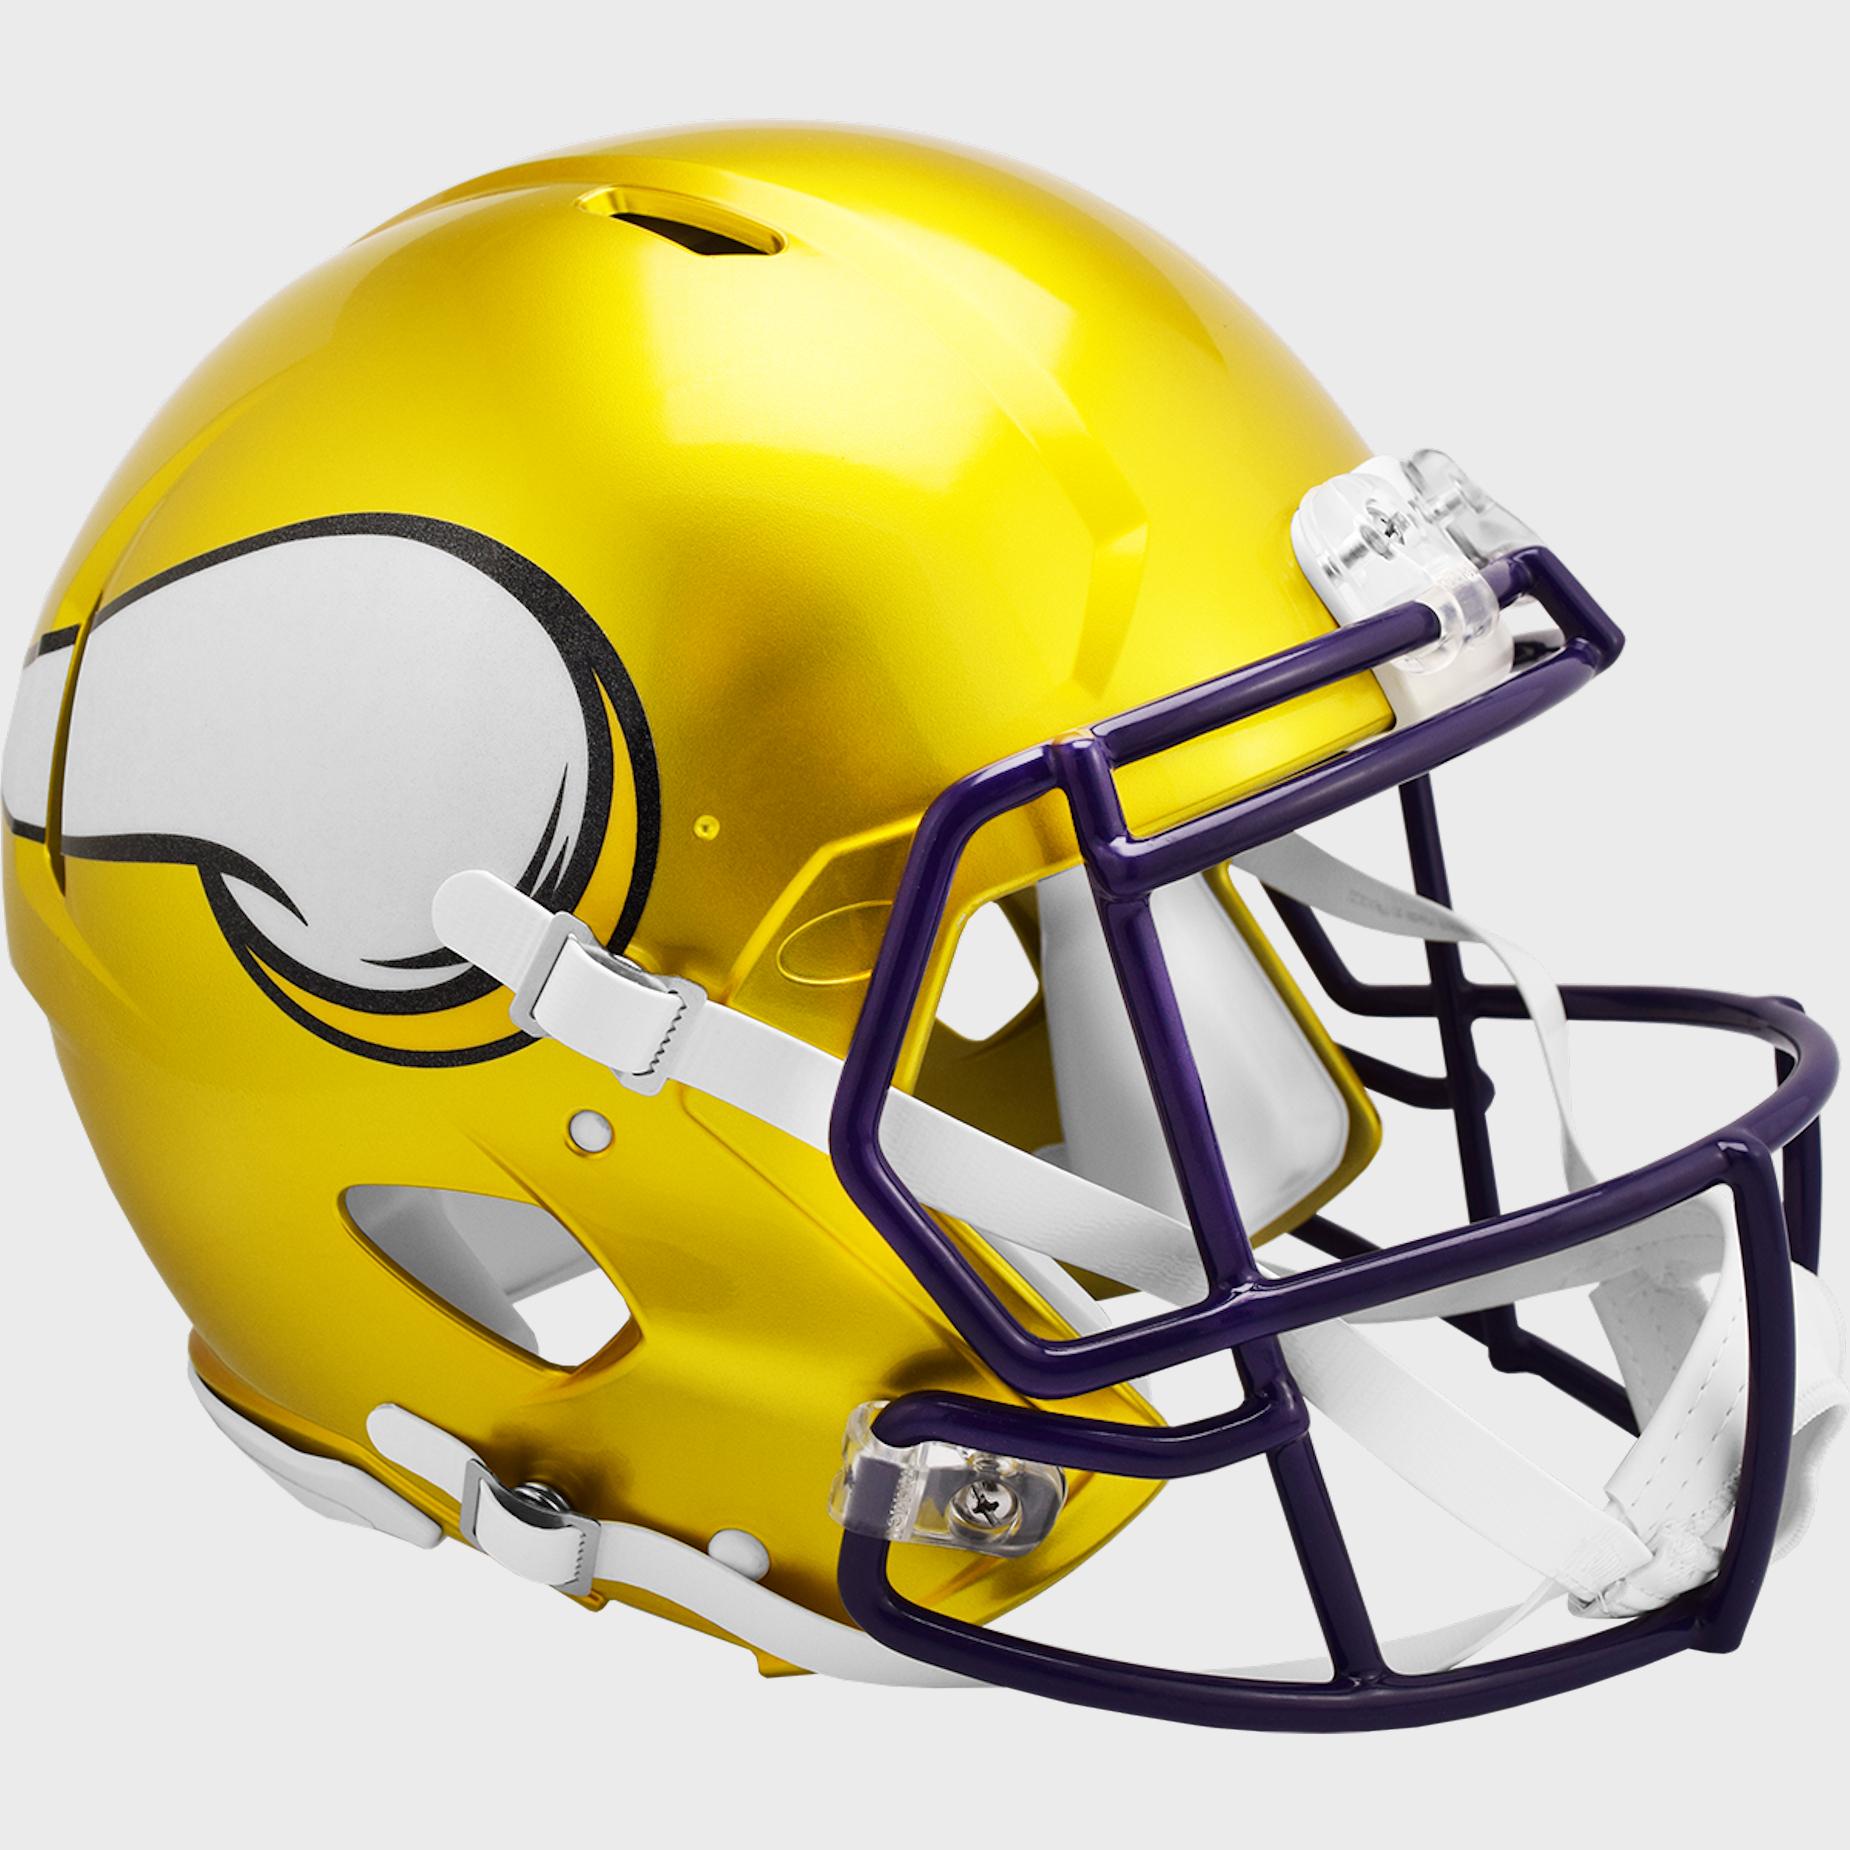 Minnesota Vikings Speed Football Helmet <B>FLASH ESD 8/21/21</B>